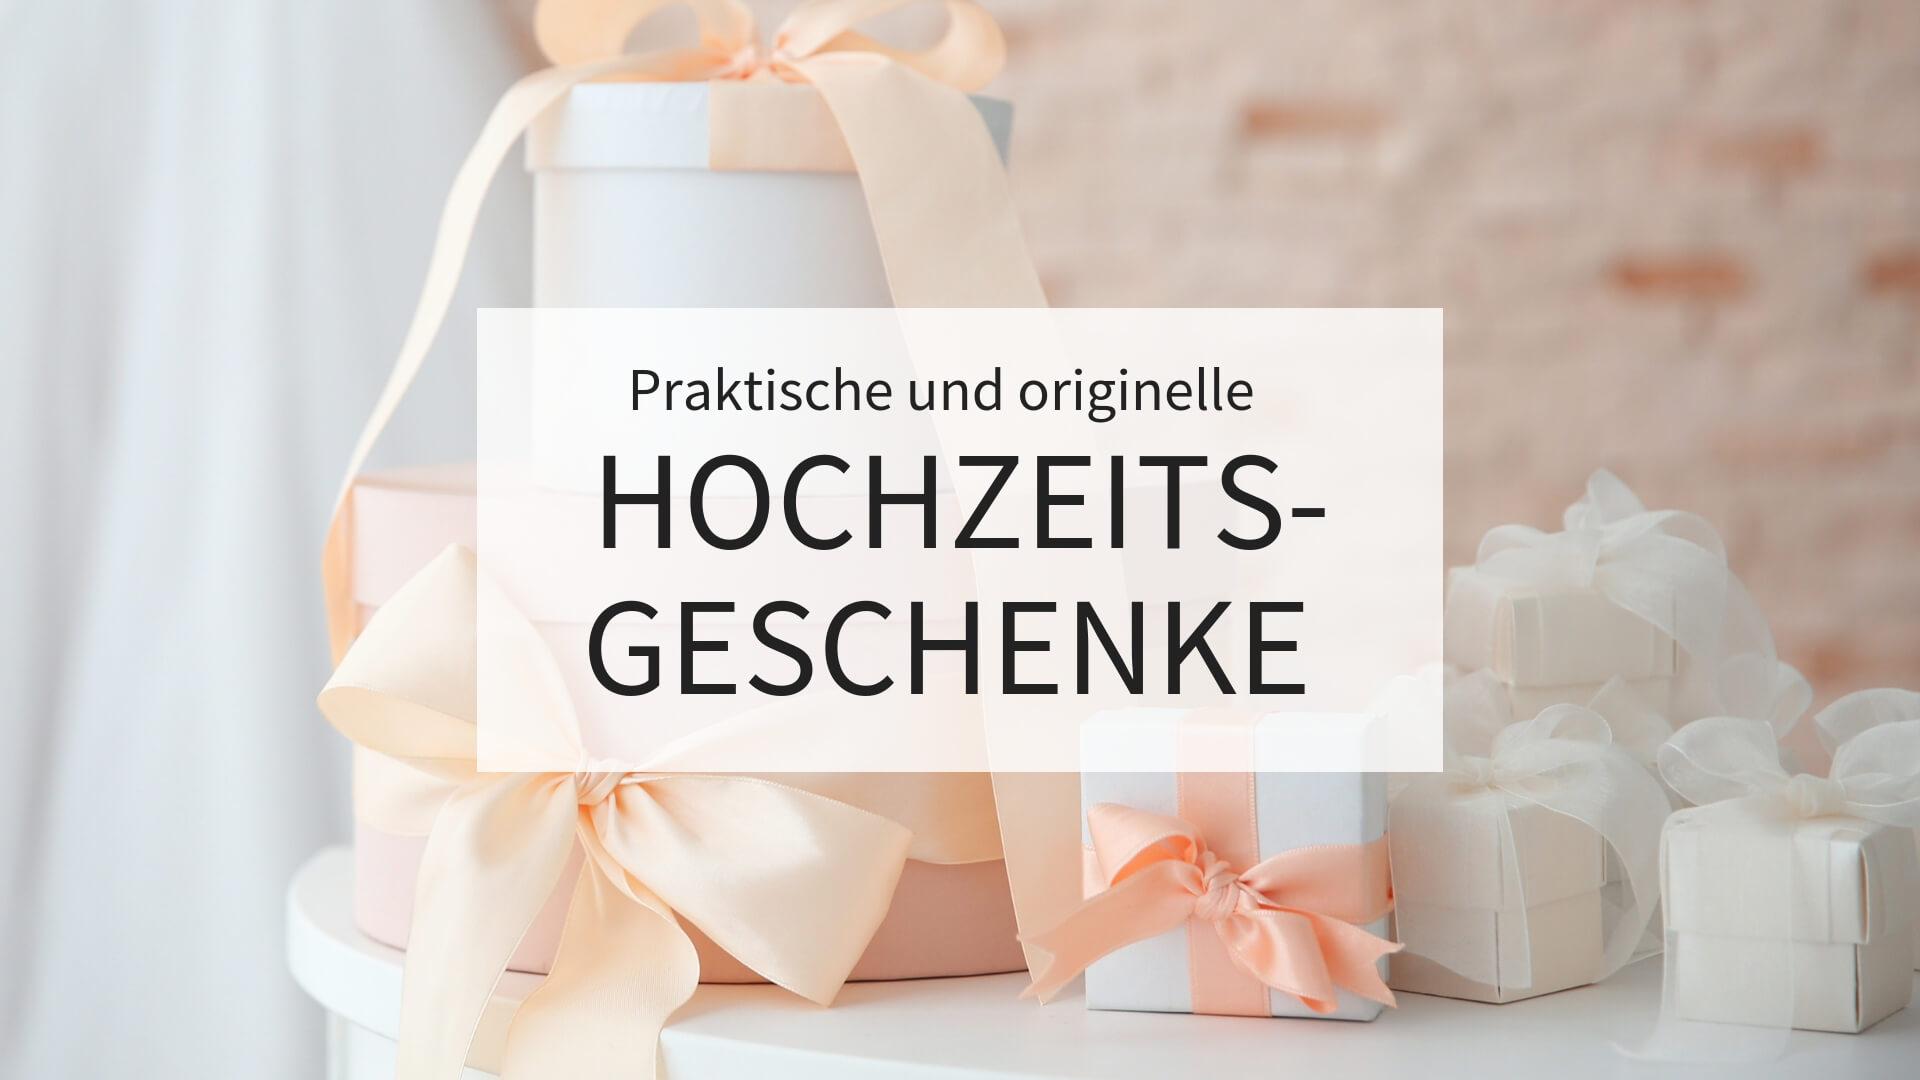 Hochzeitsgeschenke, ausgefallene hochzeitsgeschenke, hochzeitsgeschenke ideen,